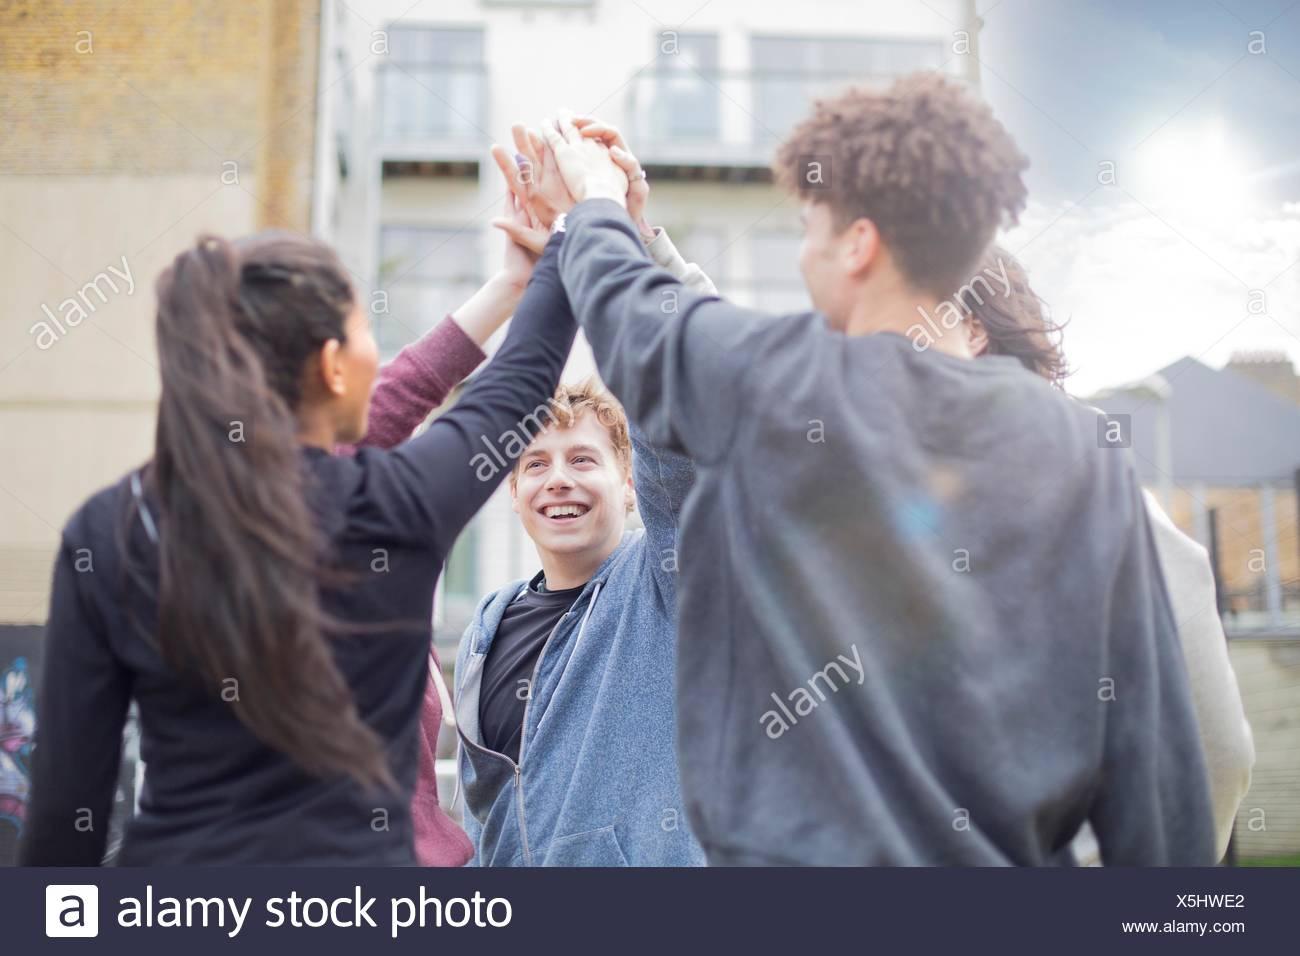 Gruppo di adulti, toccando le mani, all'aperto Immagini Stock